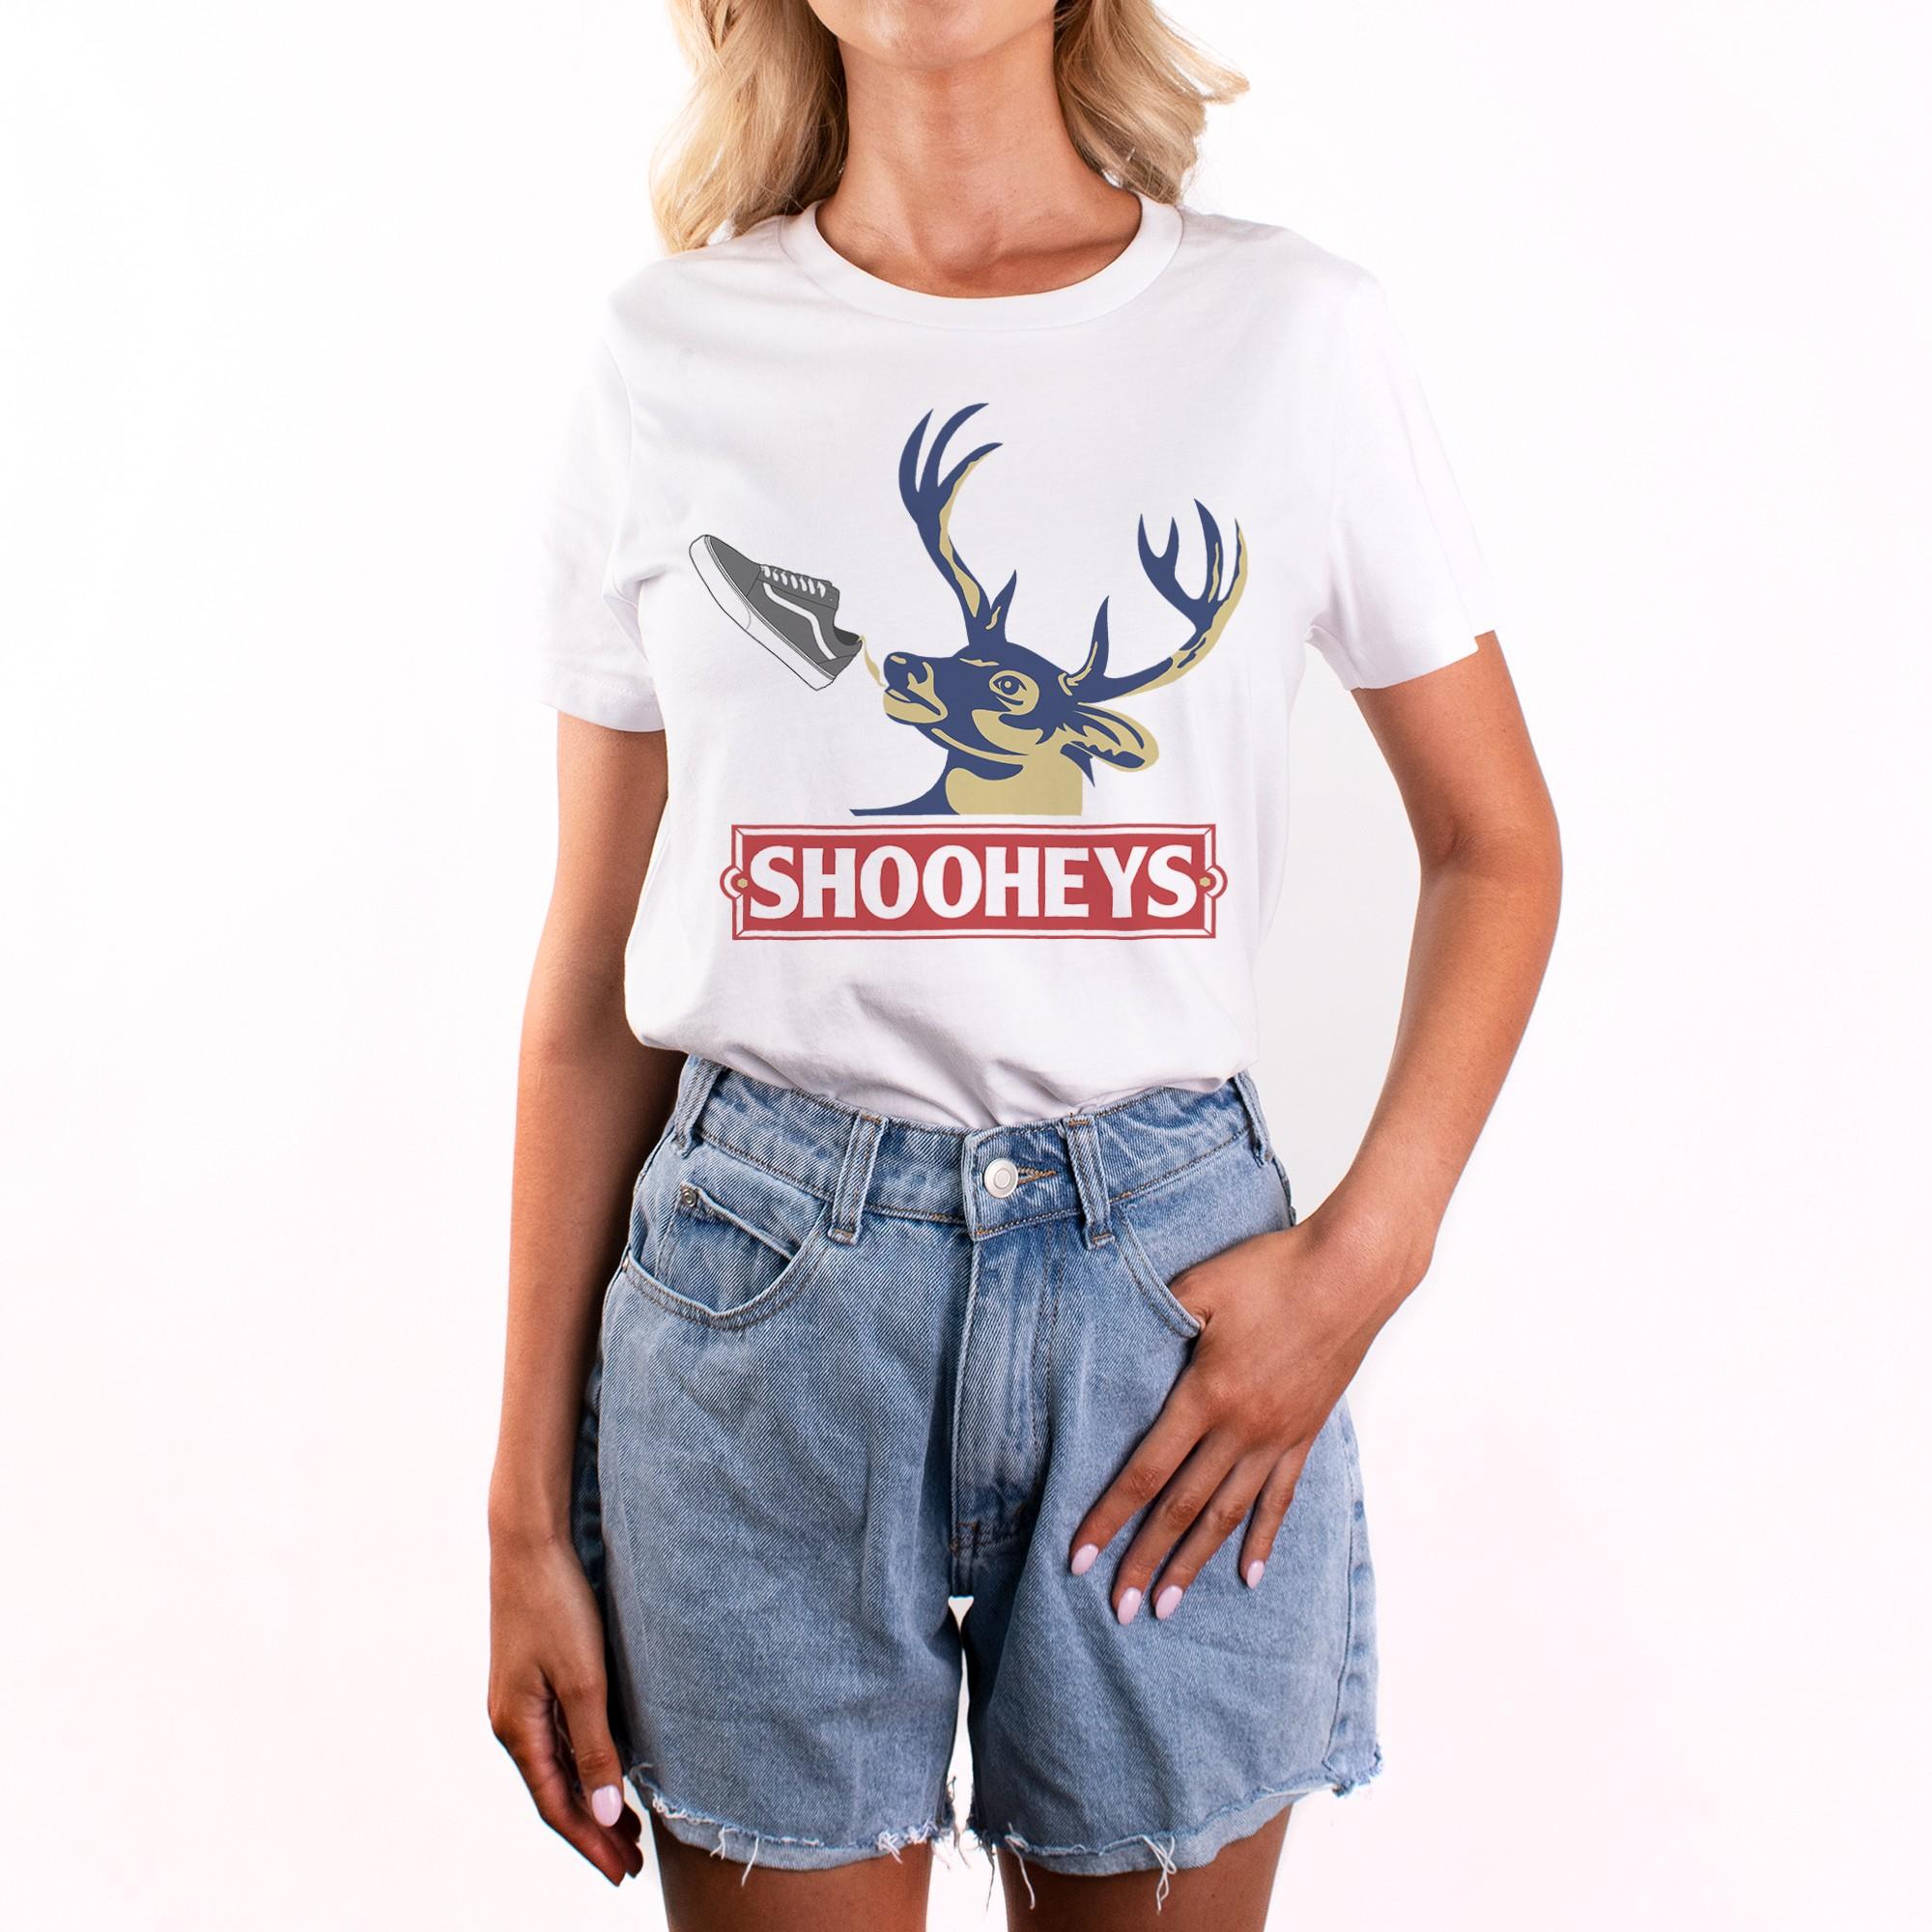 SHOOHEYS WHITE TEE